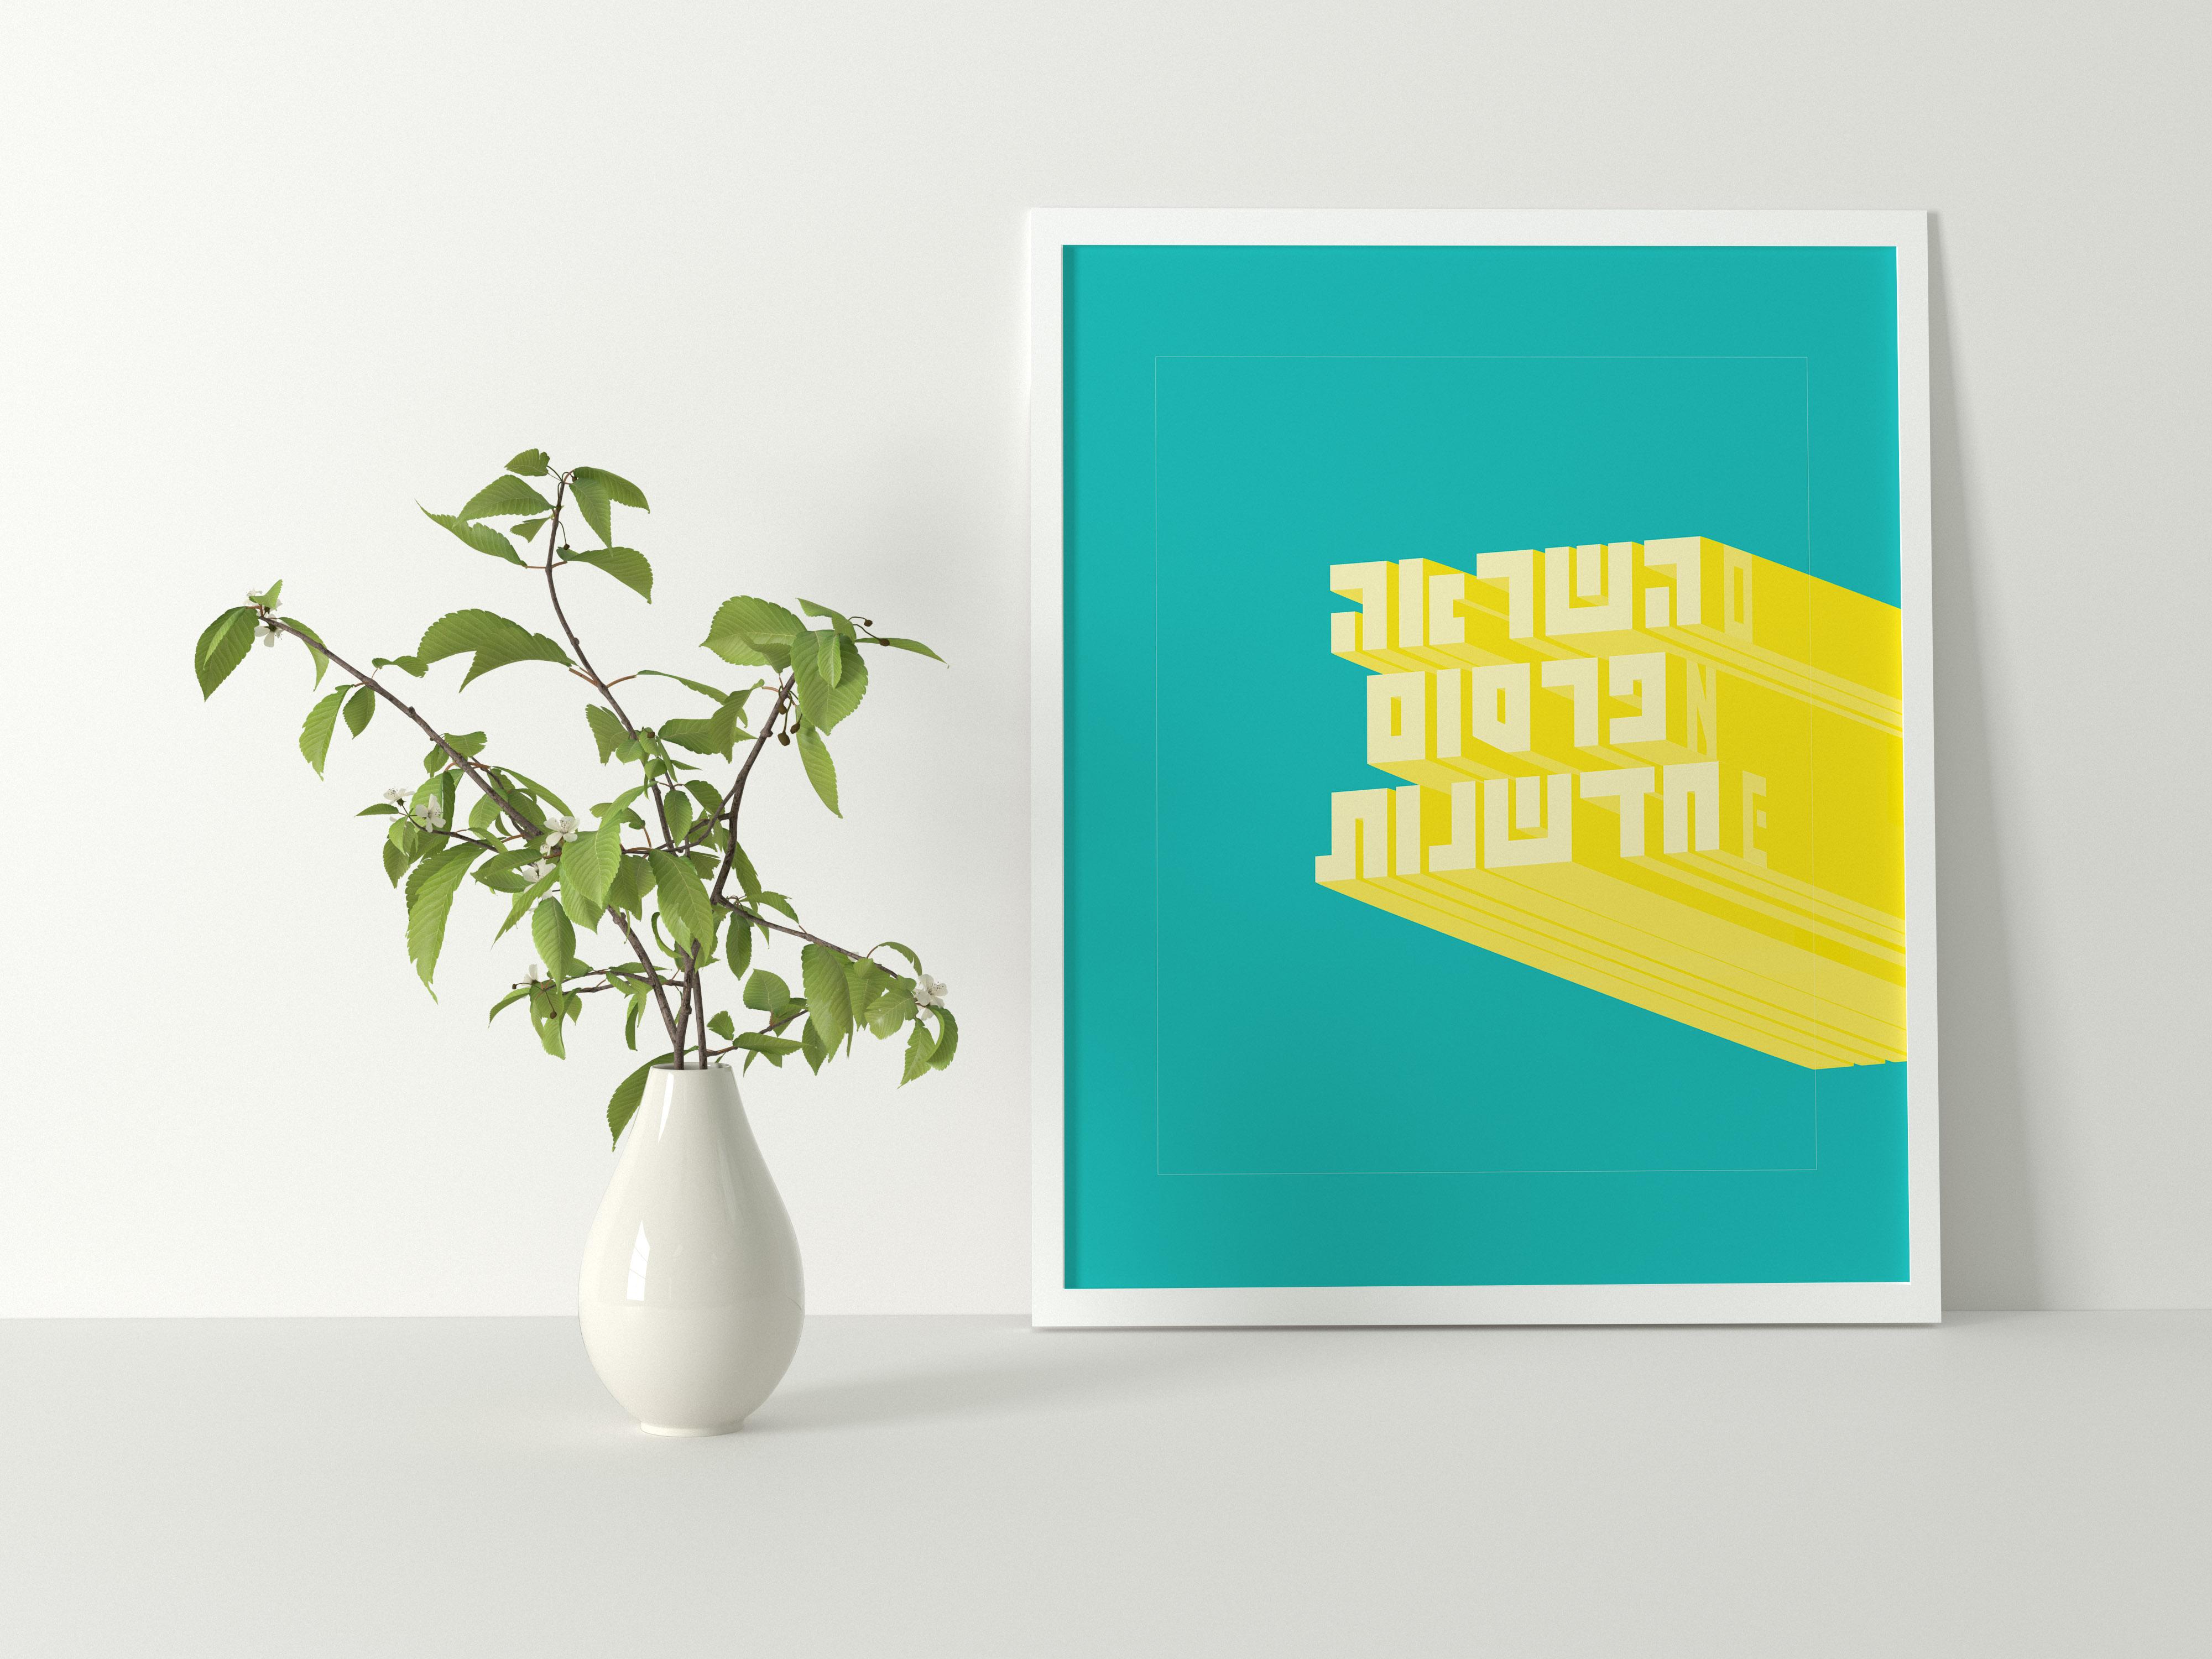 poster mockup_vase